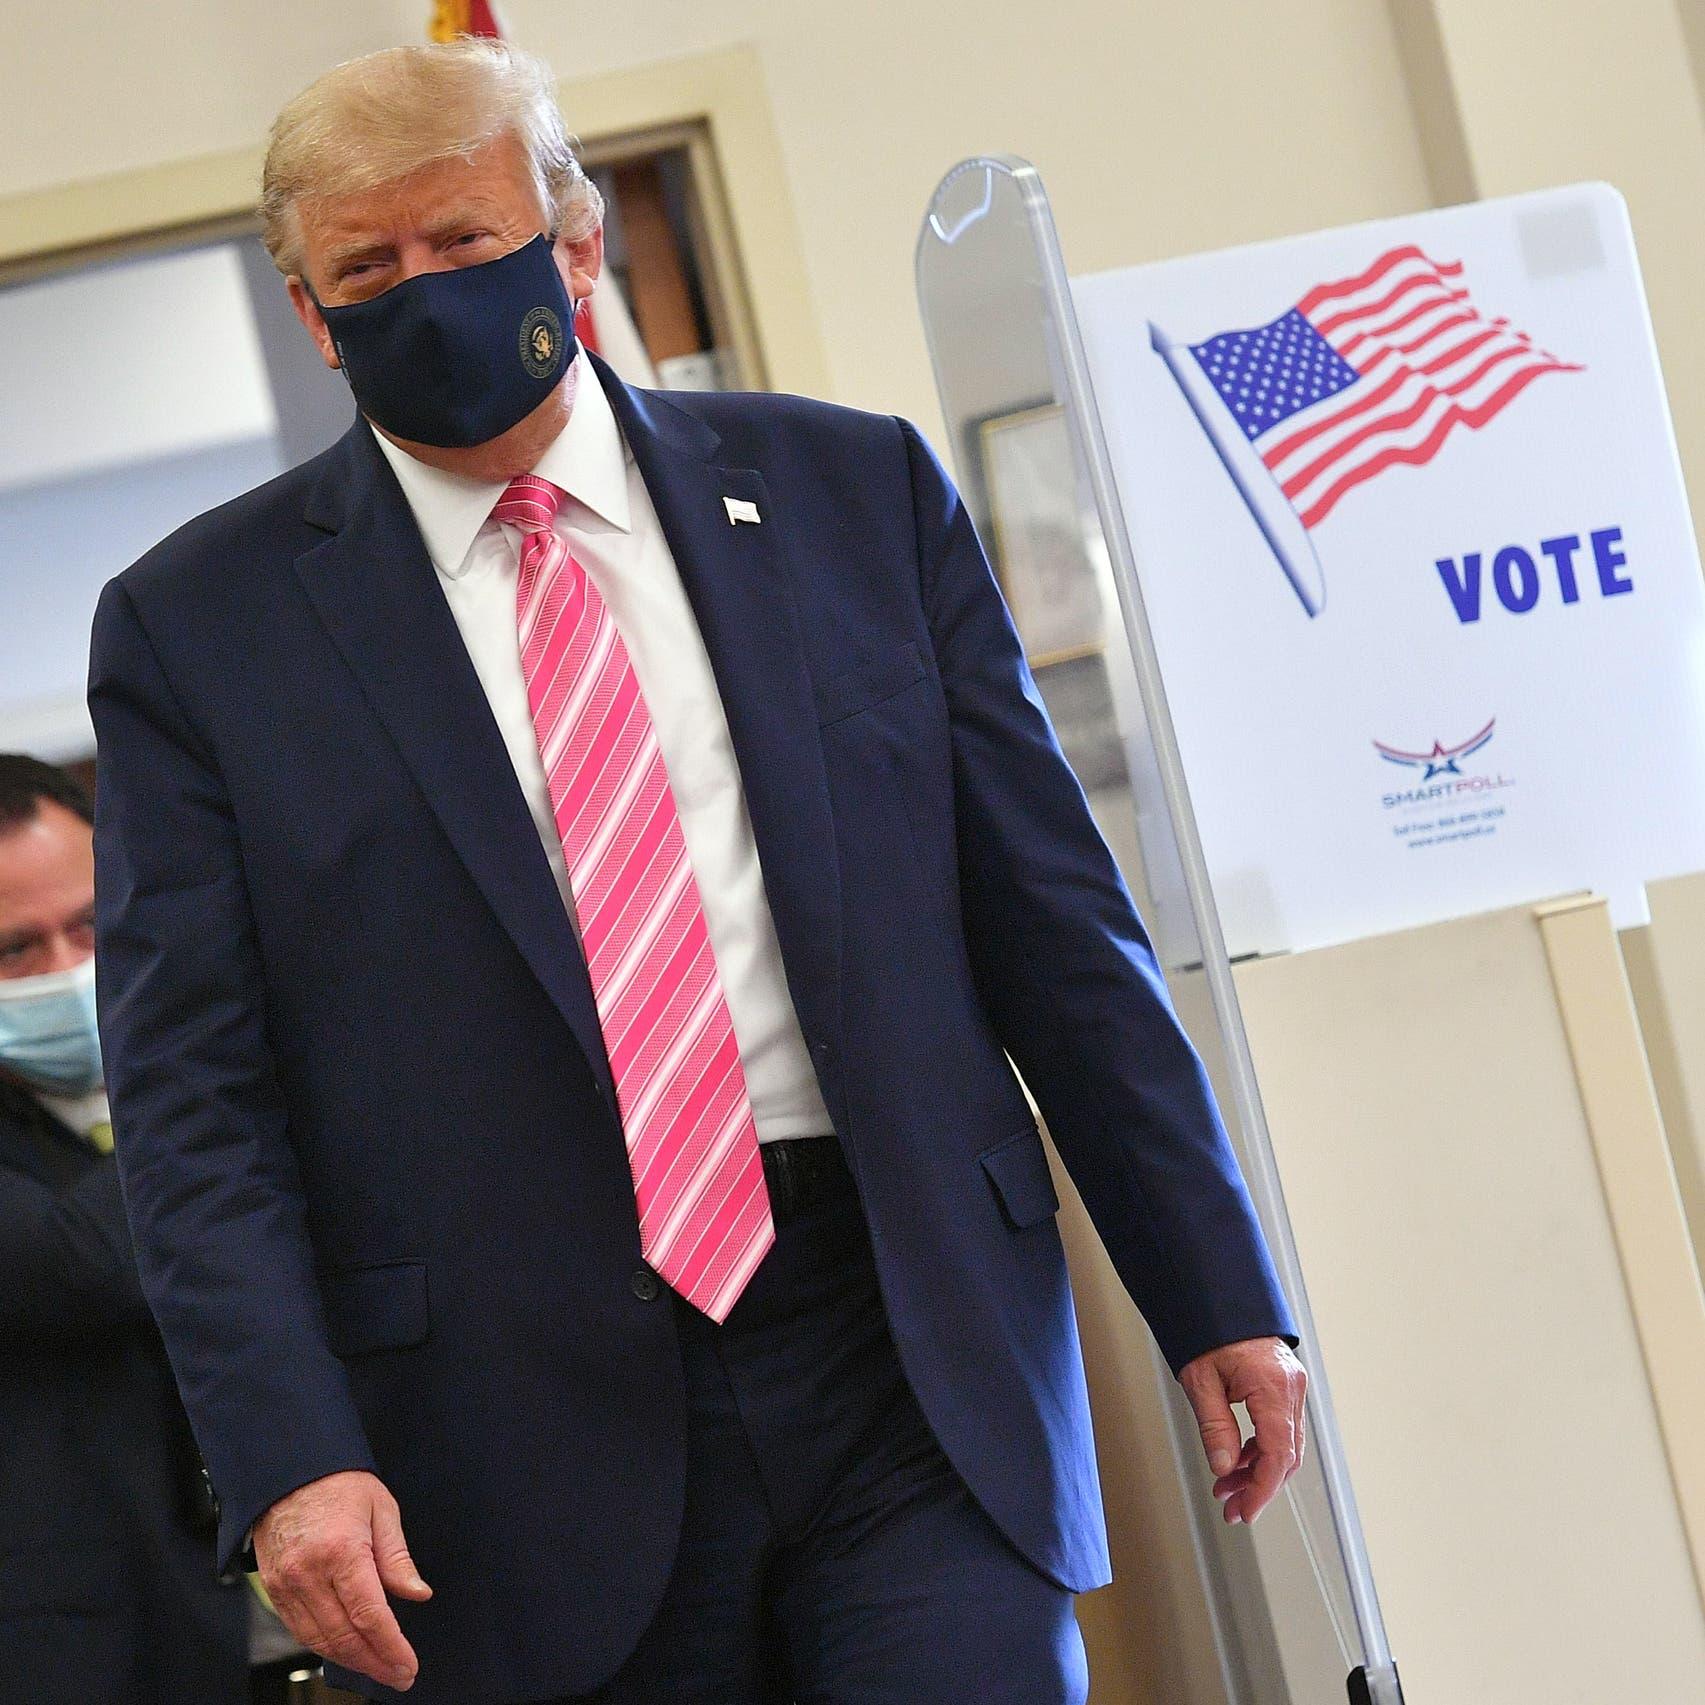 الانتخابات الرئاسية.. ترمب يدلي بصوته مبكرا في فلوريدا